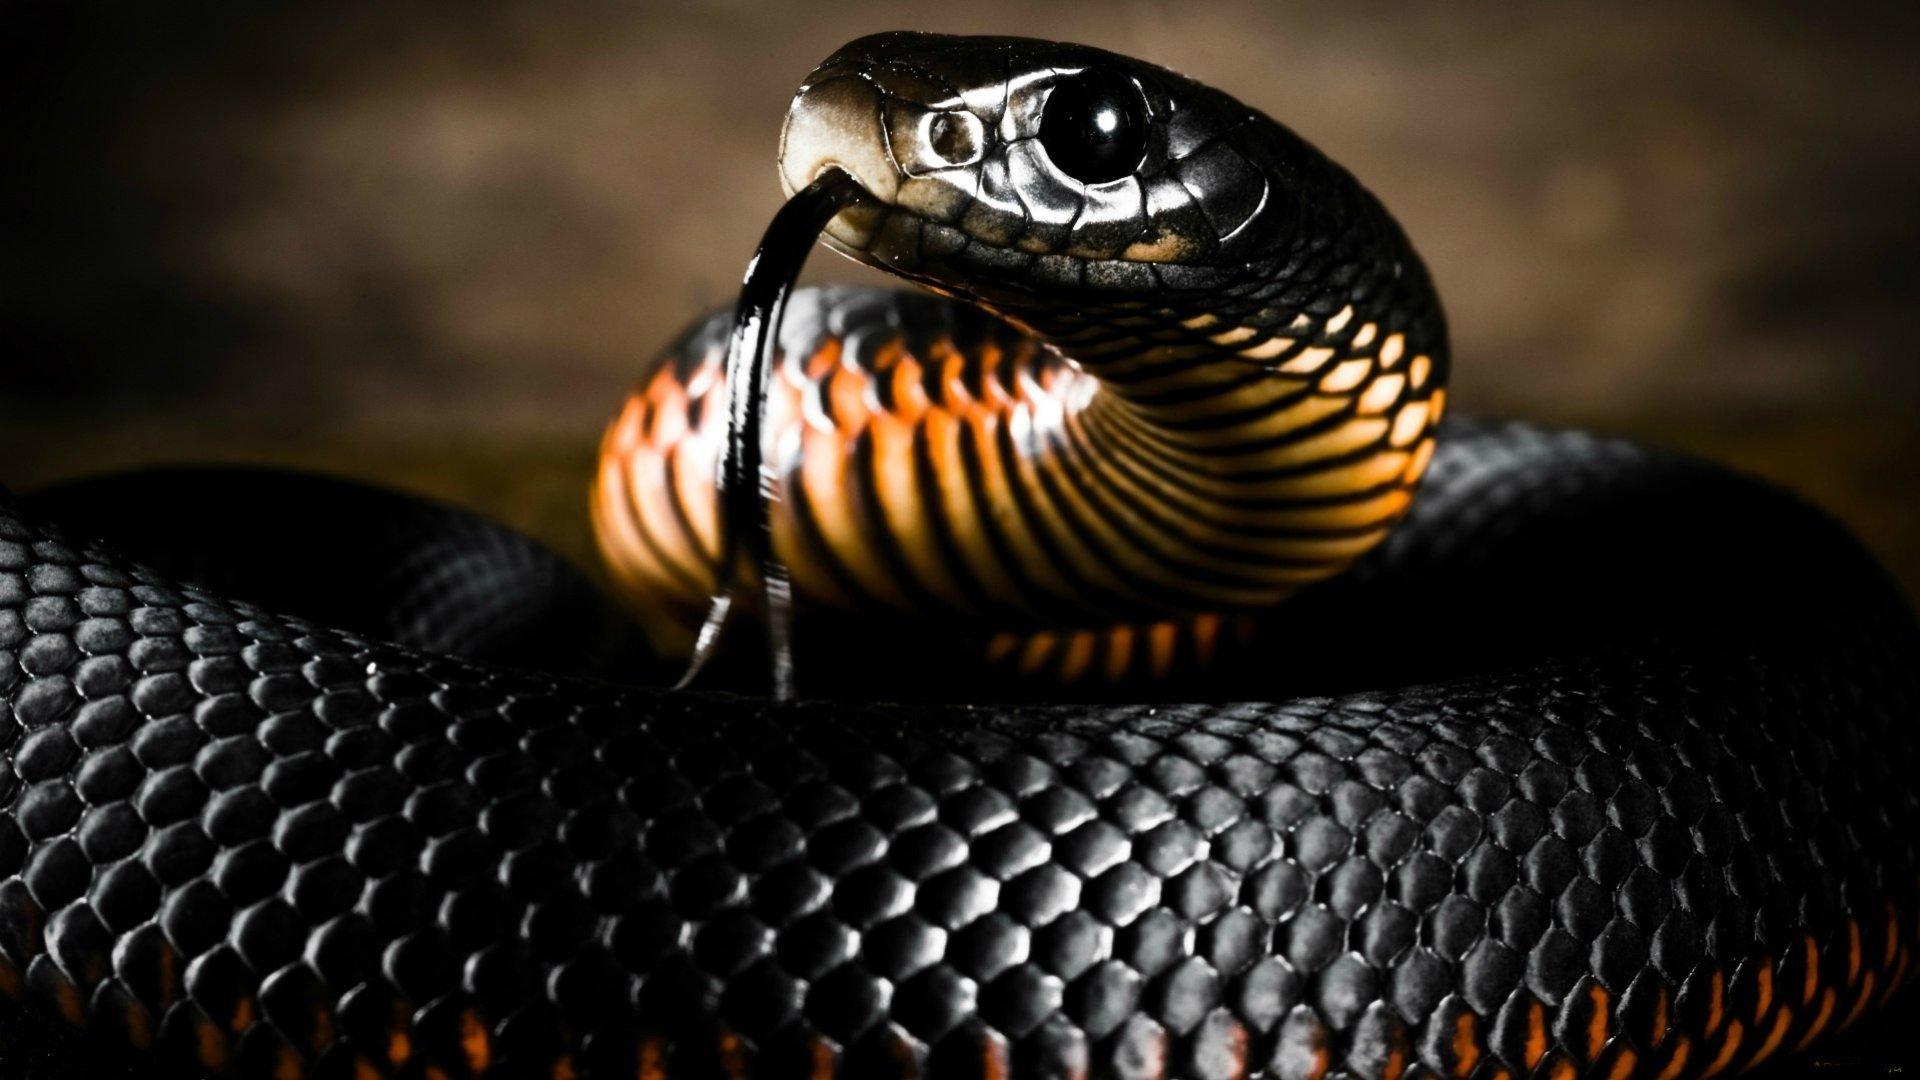 Hd Wallpaper Of Black Snake: Black Snake Wallpaper